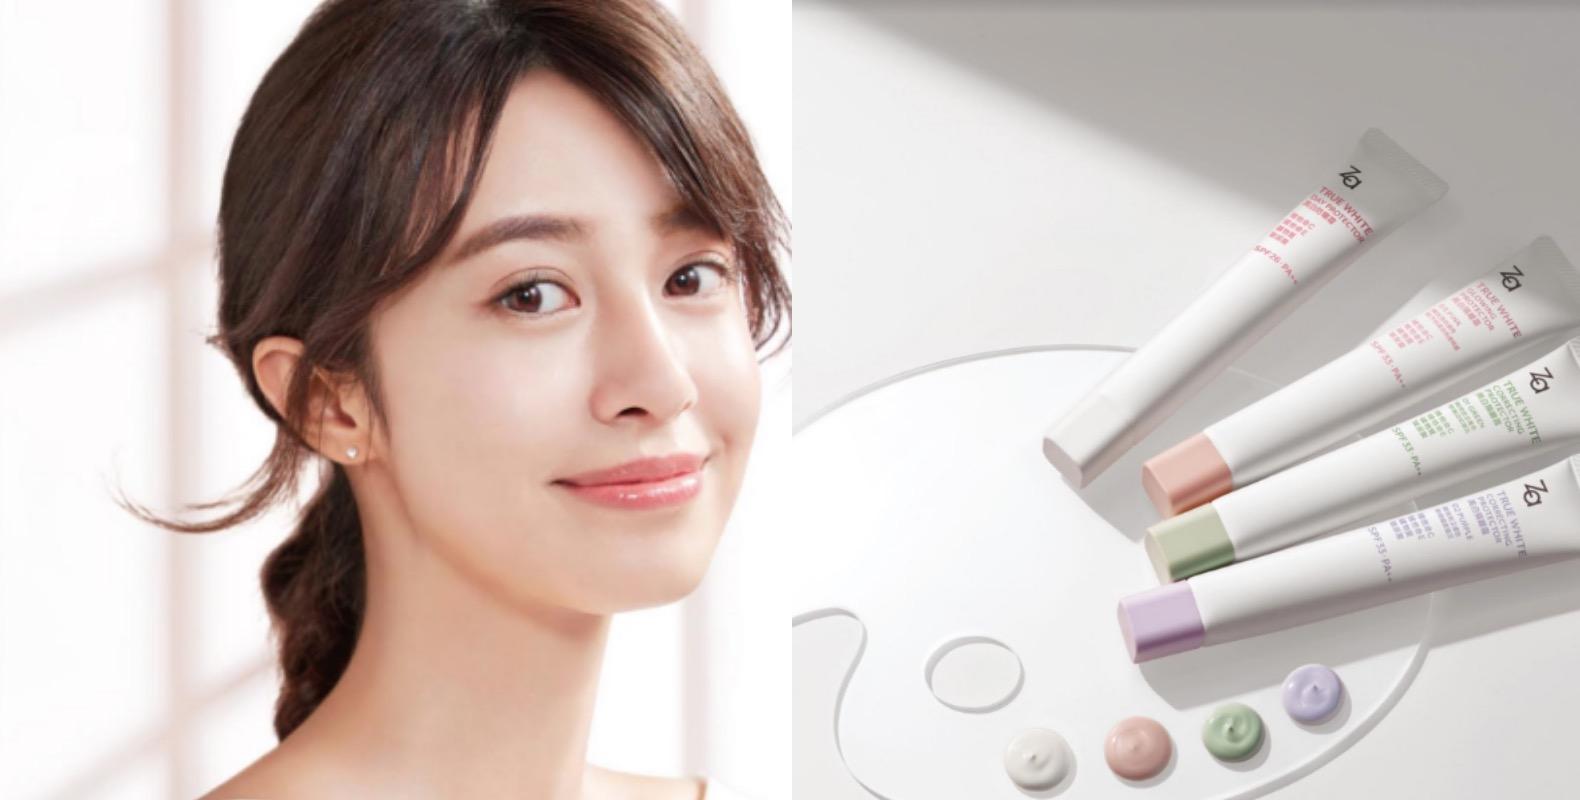 不只校色更能持粧,一抹就讓肌膚有美肌濾鏡光,添加「持粧小磁鐵」特殊磁力科技,能使吸附底粧更持久。